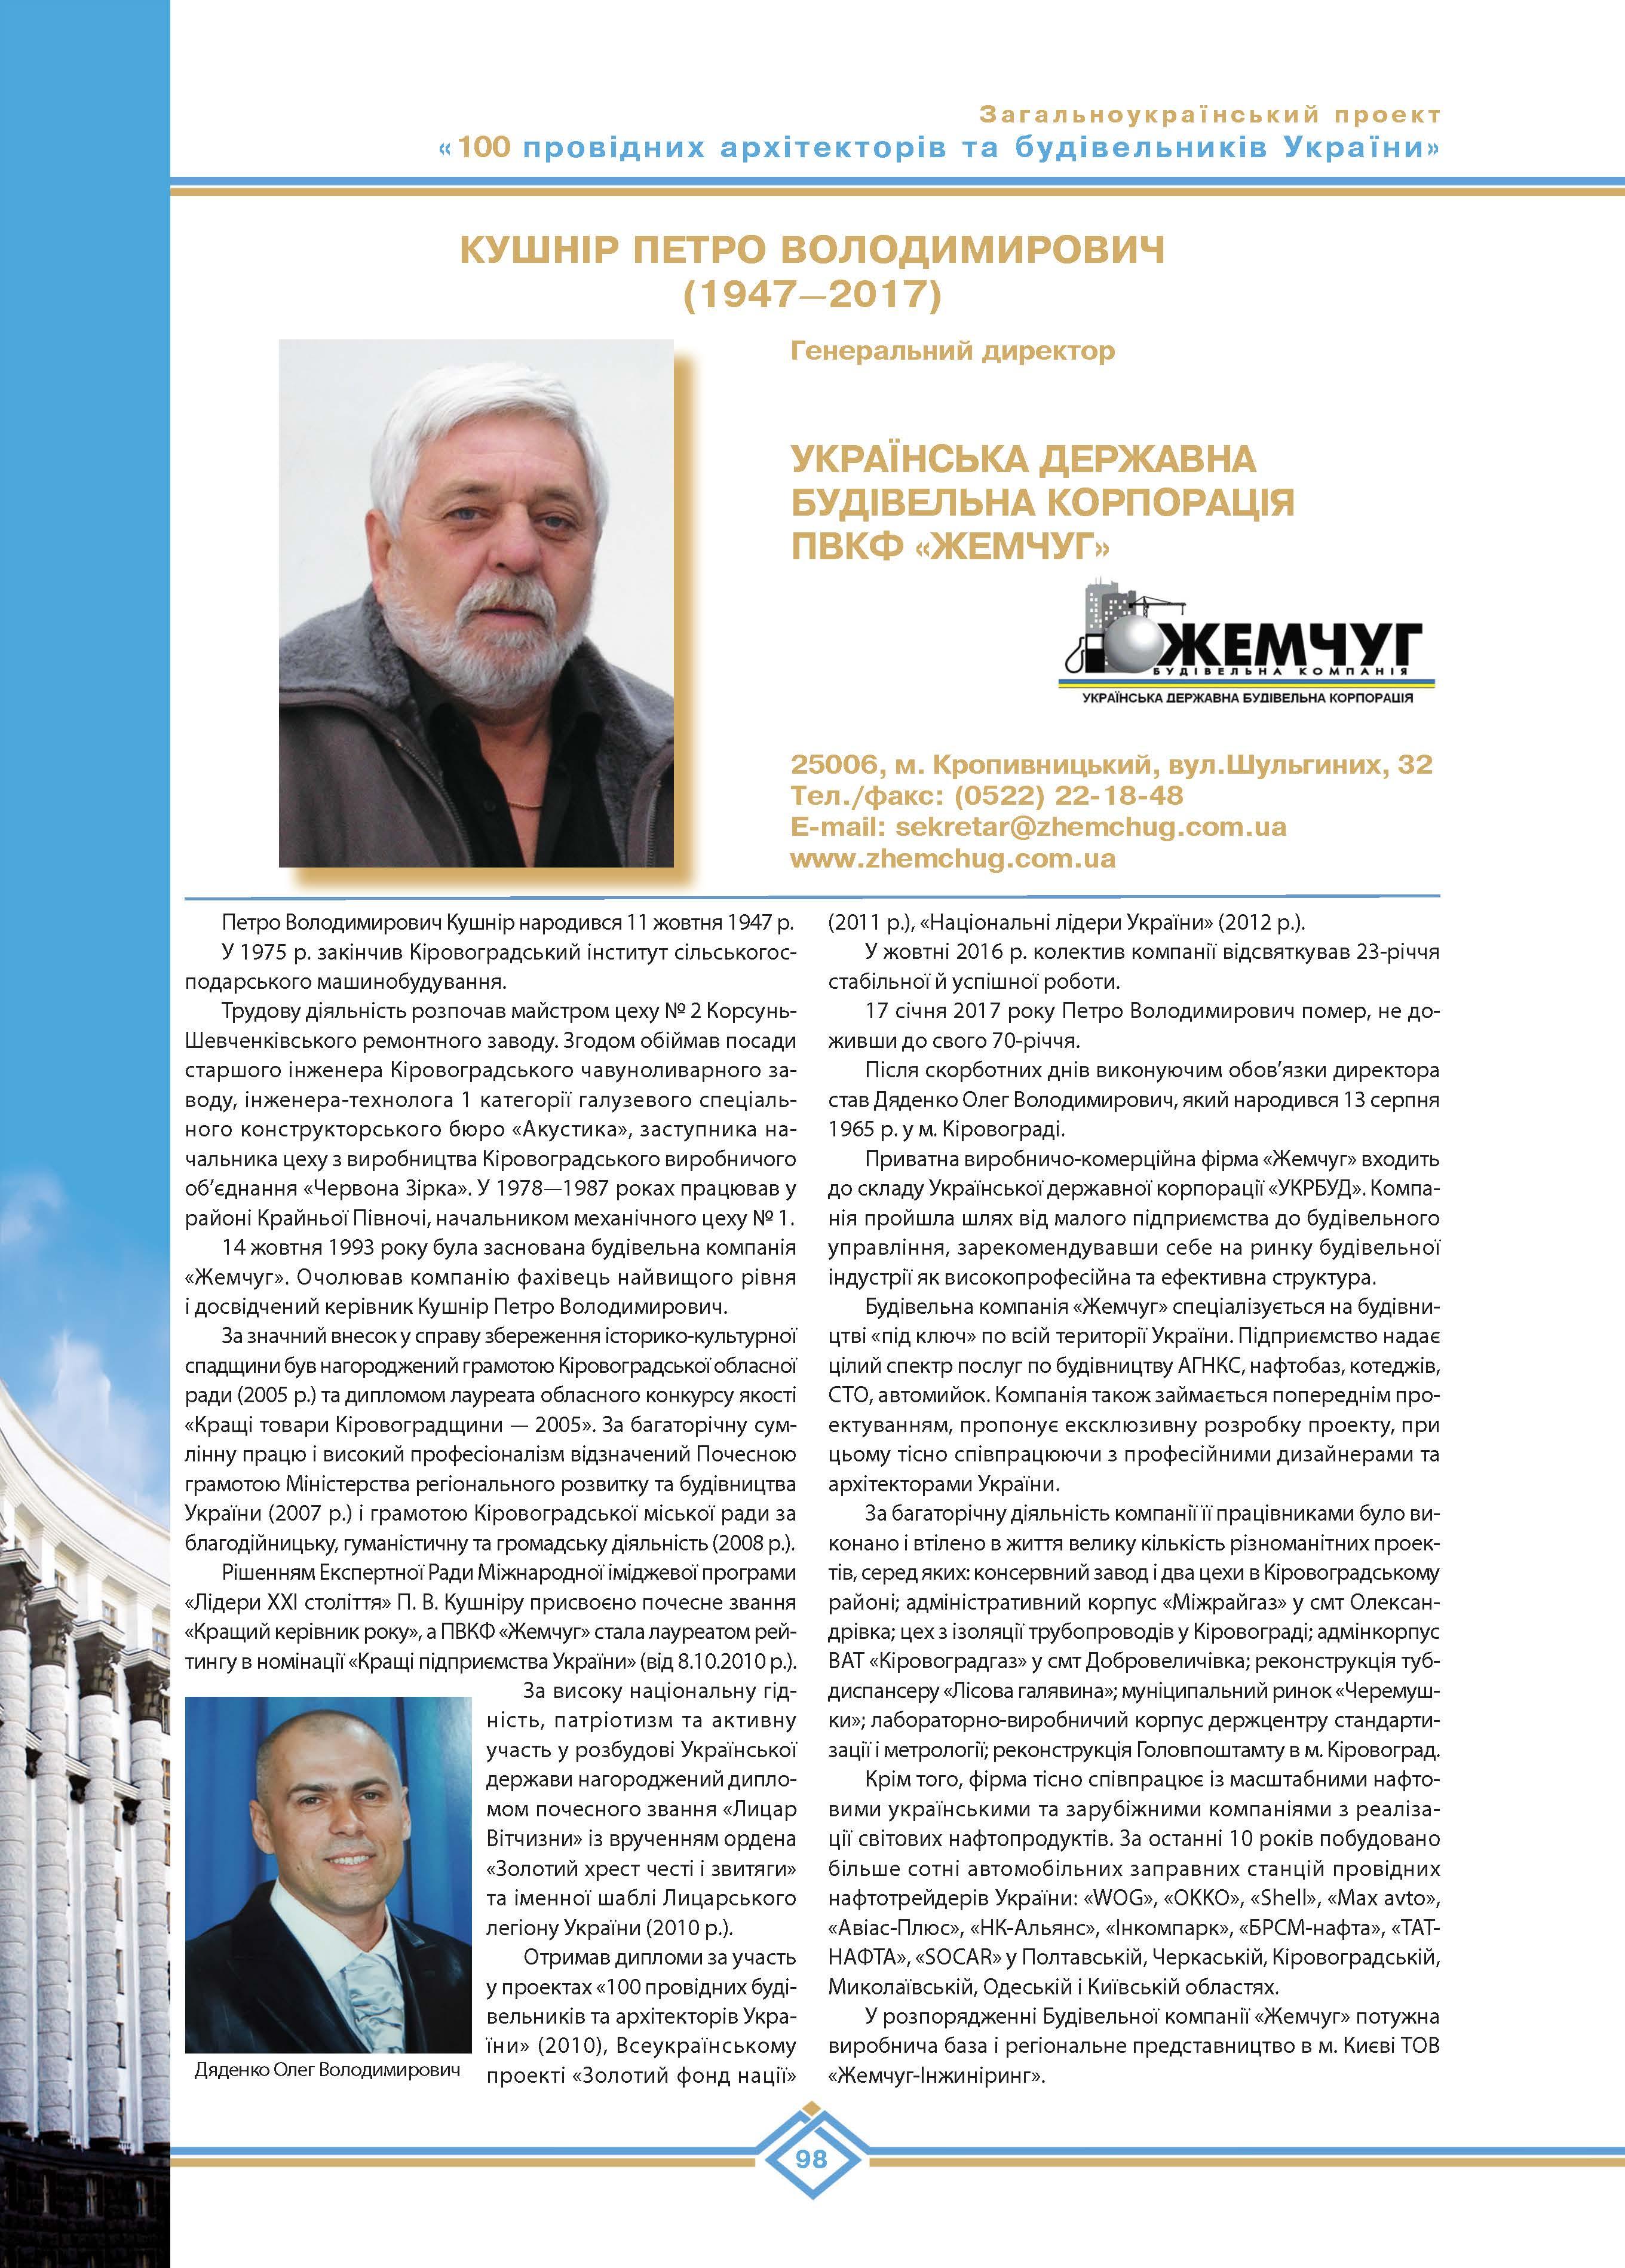 Кушнір Петро Володимирович, Бащенко Віктор Анатолійович